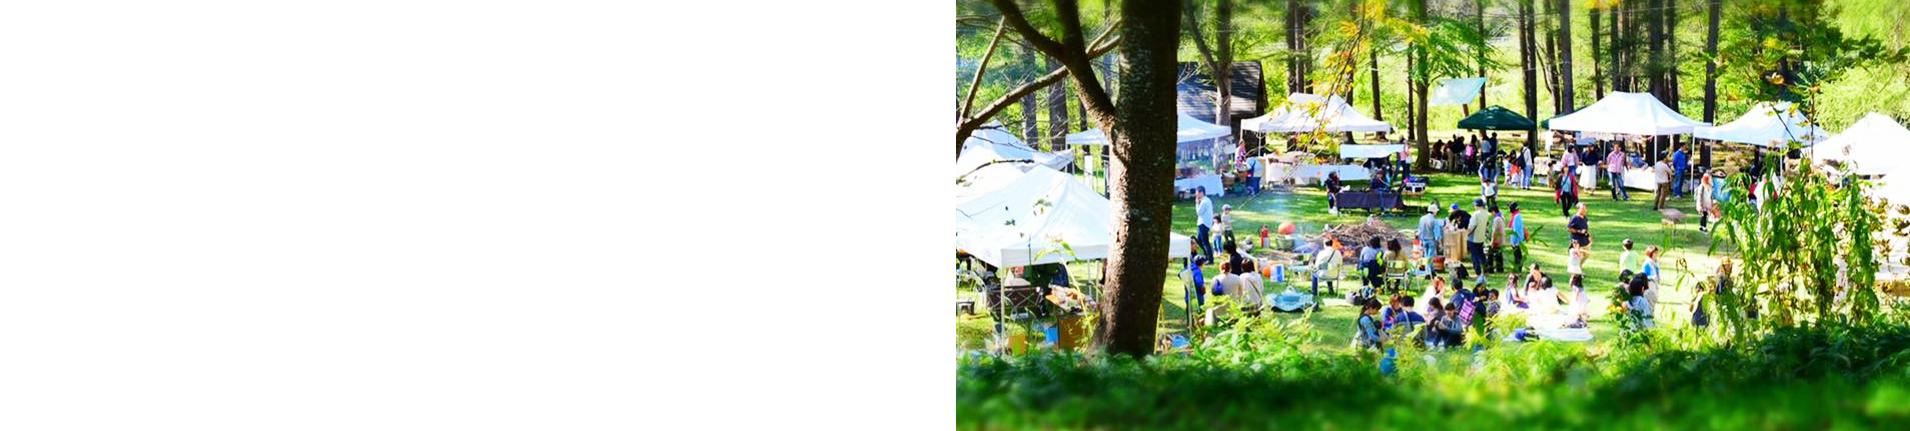 02奥沢キャンプ場